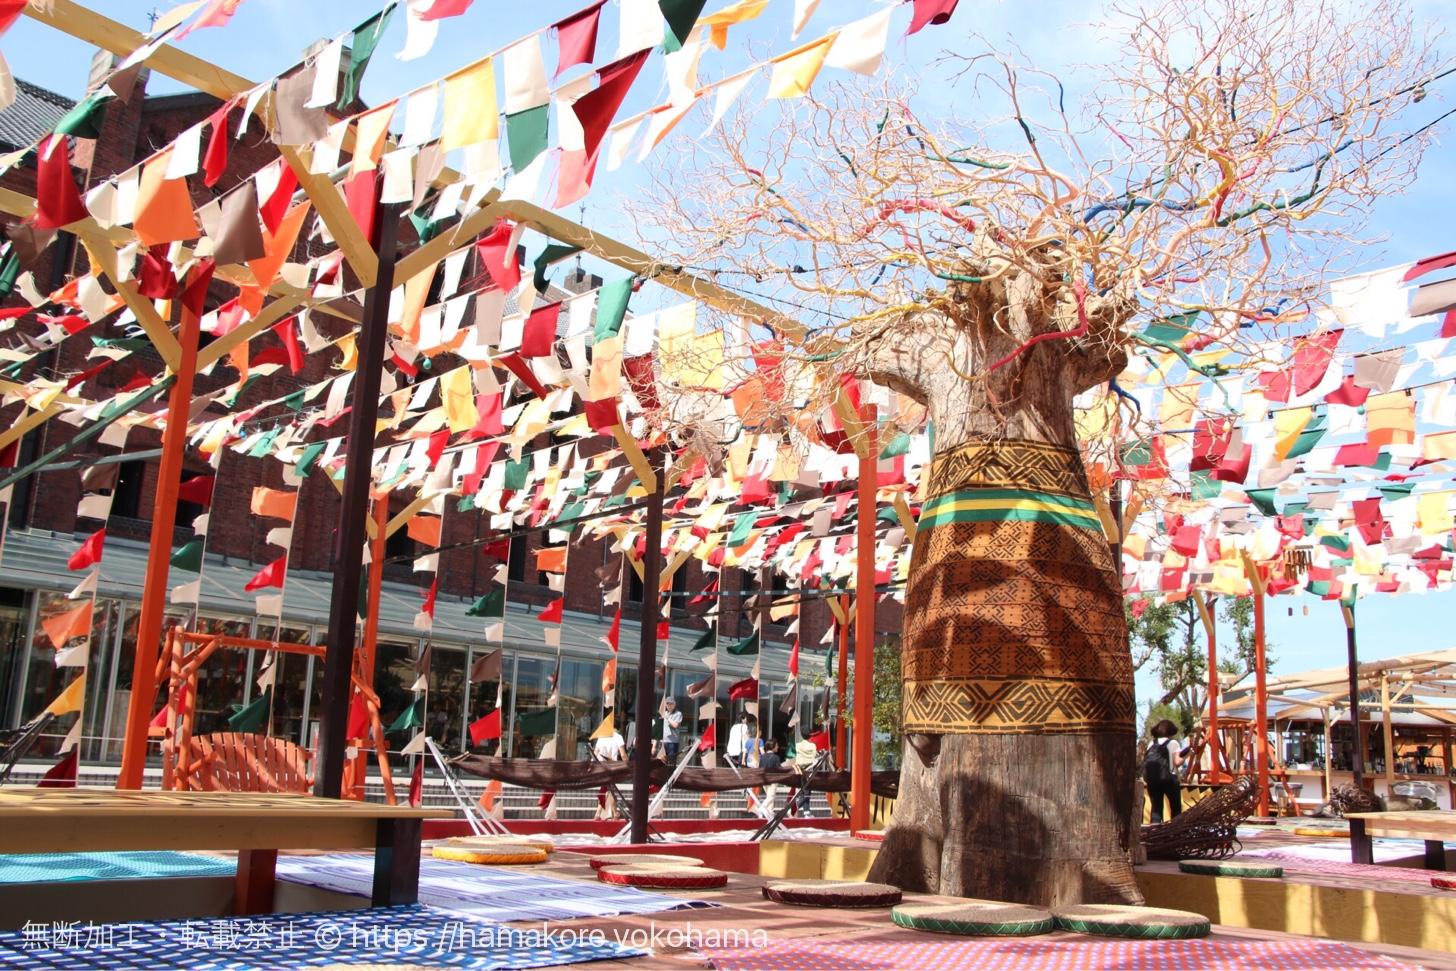 2017年夏「横浜赤レンガ」にアフリカの本格リゾート地が誕生!グルメ「ワニの足」に衝撃…!